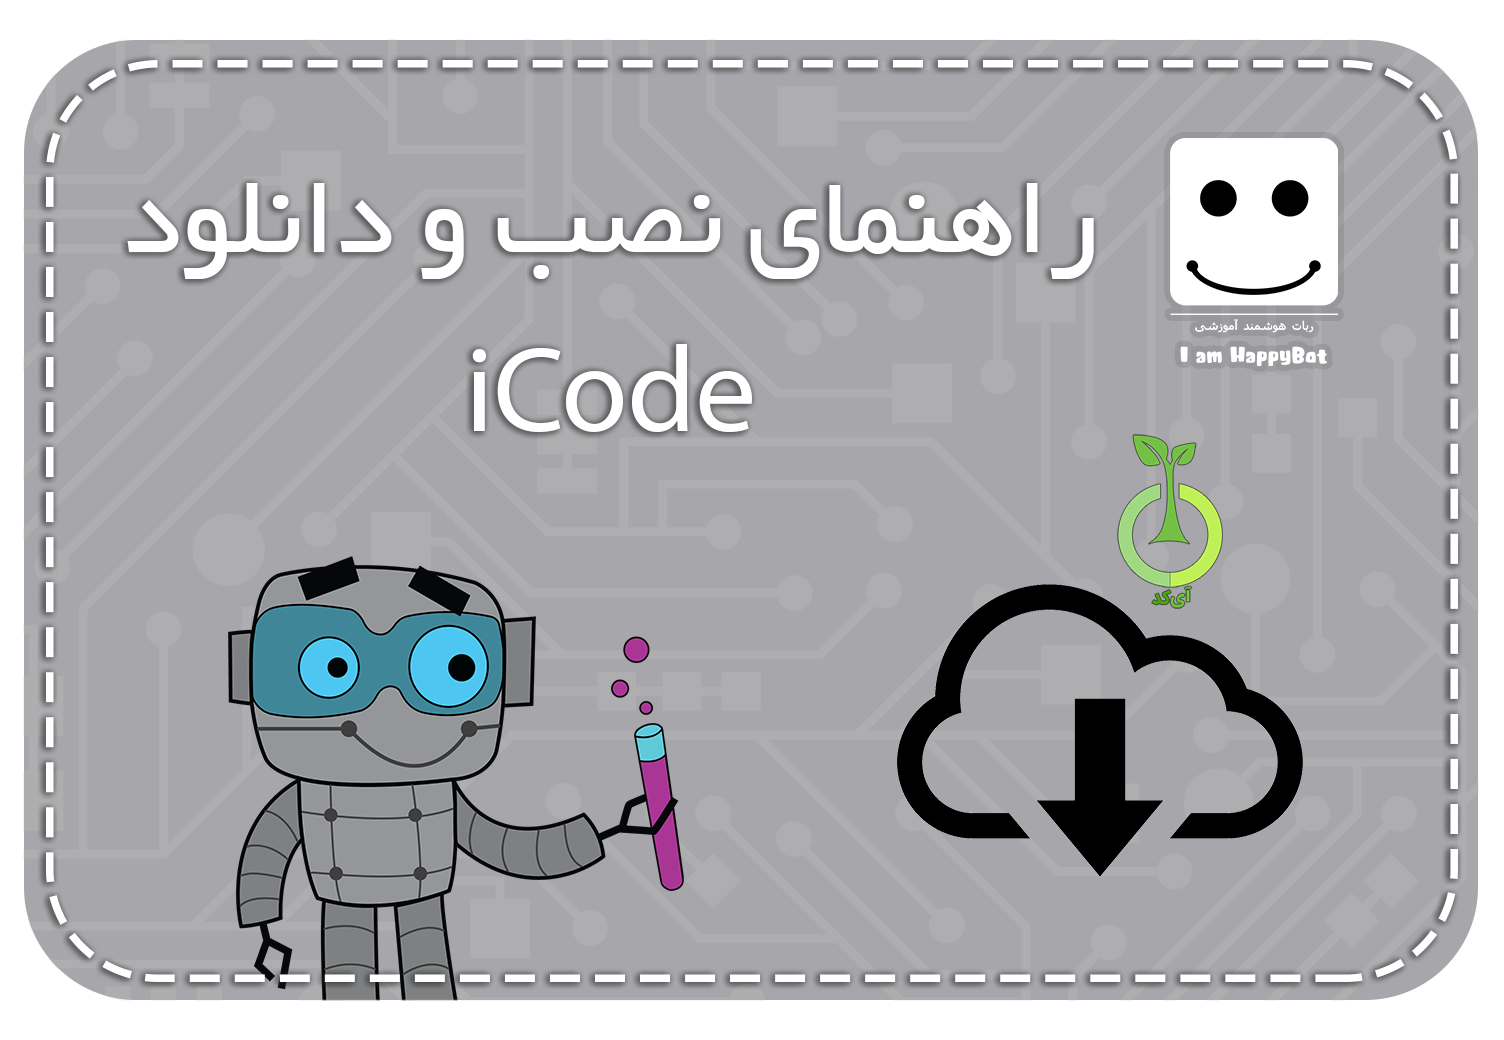 چطور آی کد را نصب کنم